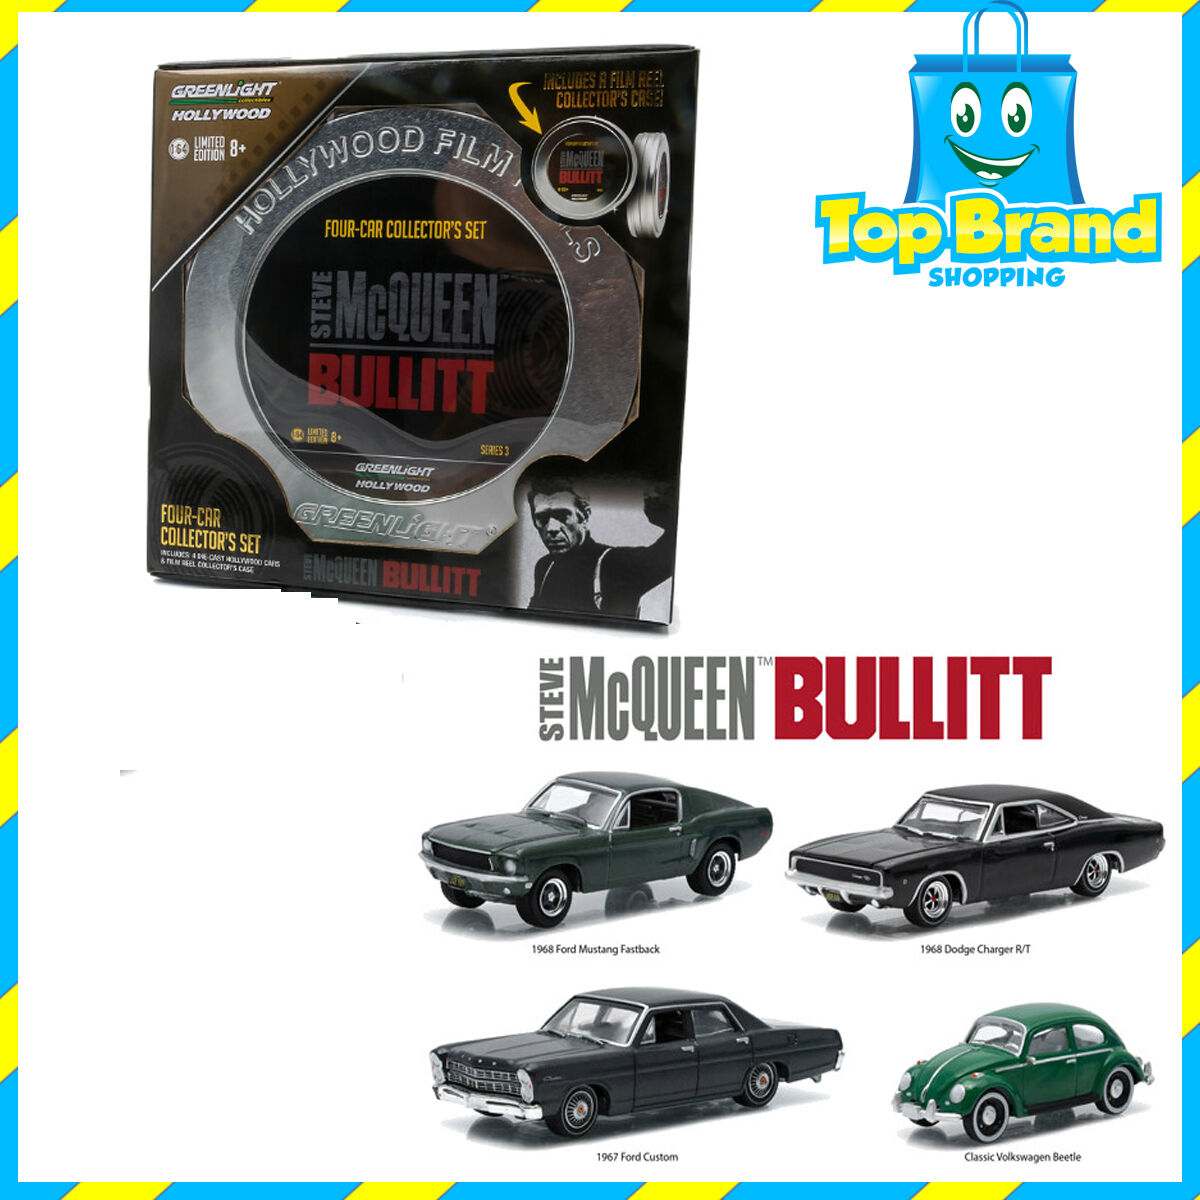 marchio in liquidazione verdelight 1 64 Scale Set Of 4 Hollywood Film Film Film Reels Series 3 Steve Mcregina autos  molto popolare